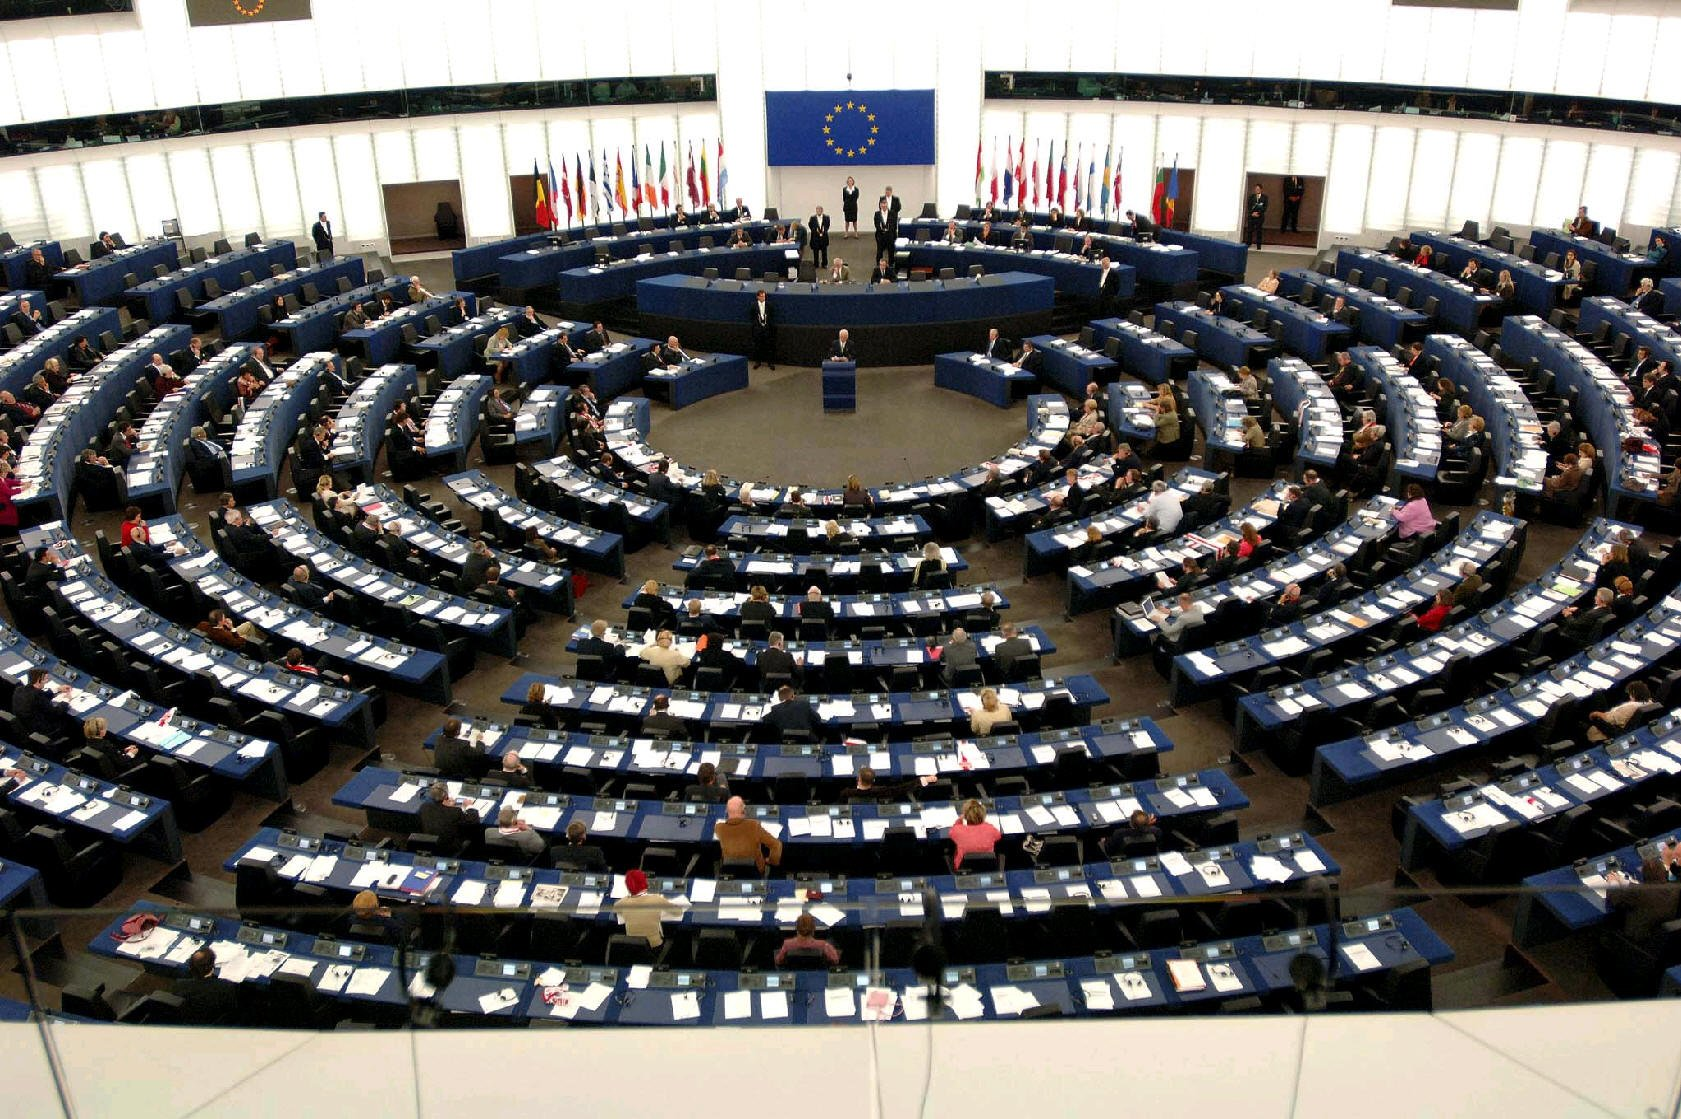 Avropa Parlamenti Belarusla vizanın sadələşdirilməsini təsdiq edib